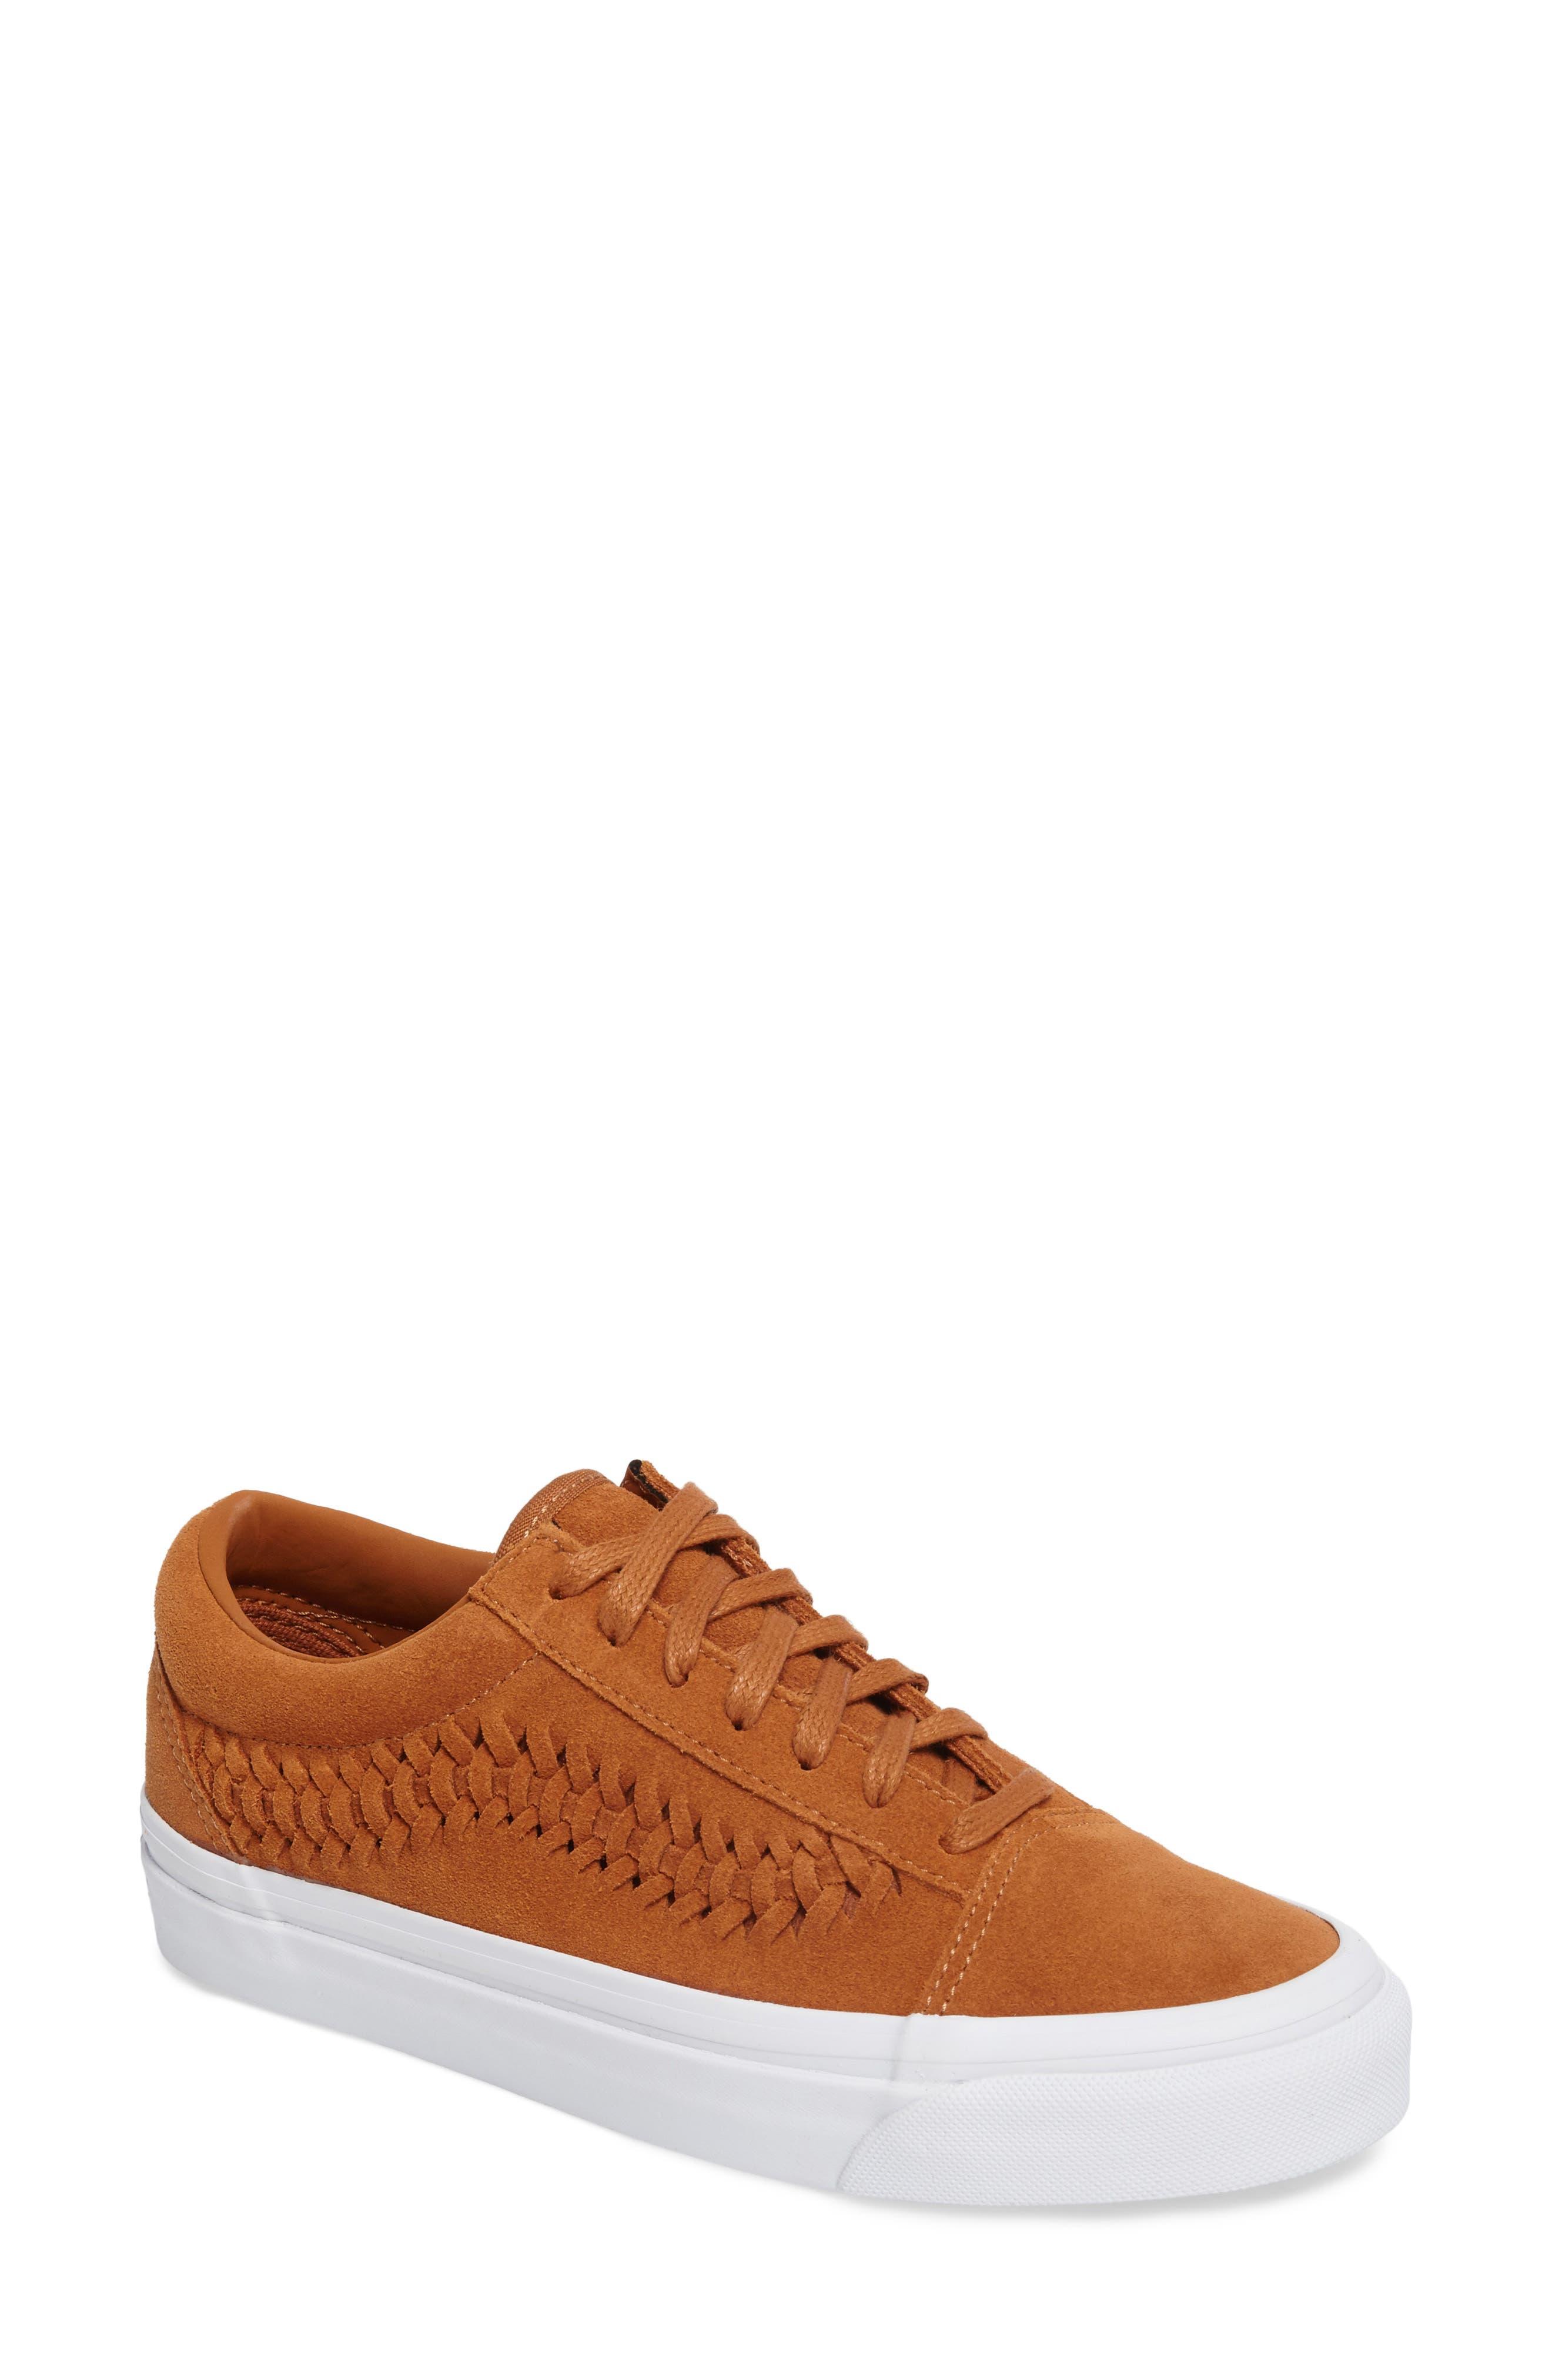 Old Skool Weave DX Sneaker,                         Main,                         color, 200